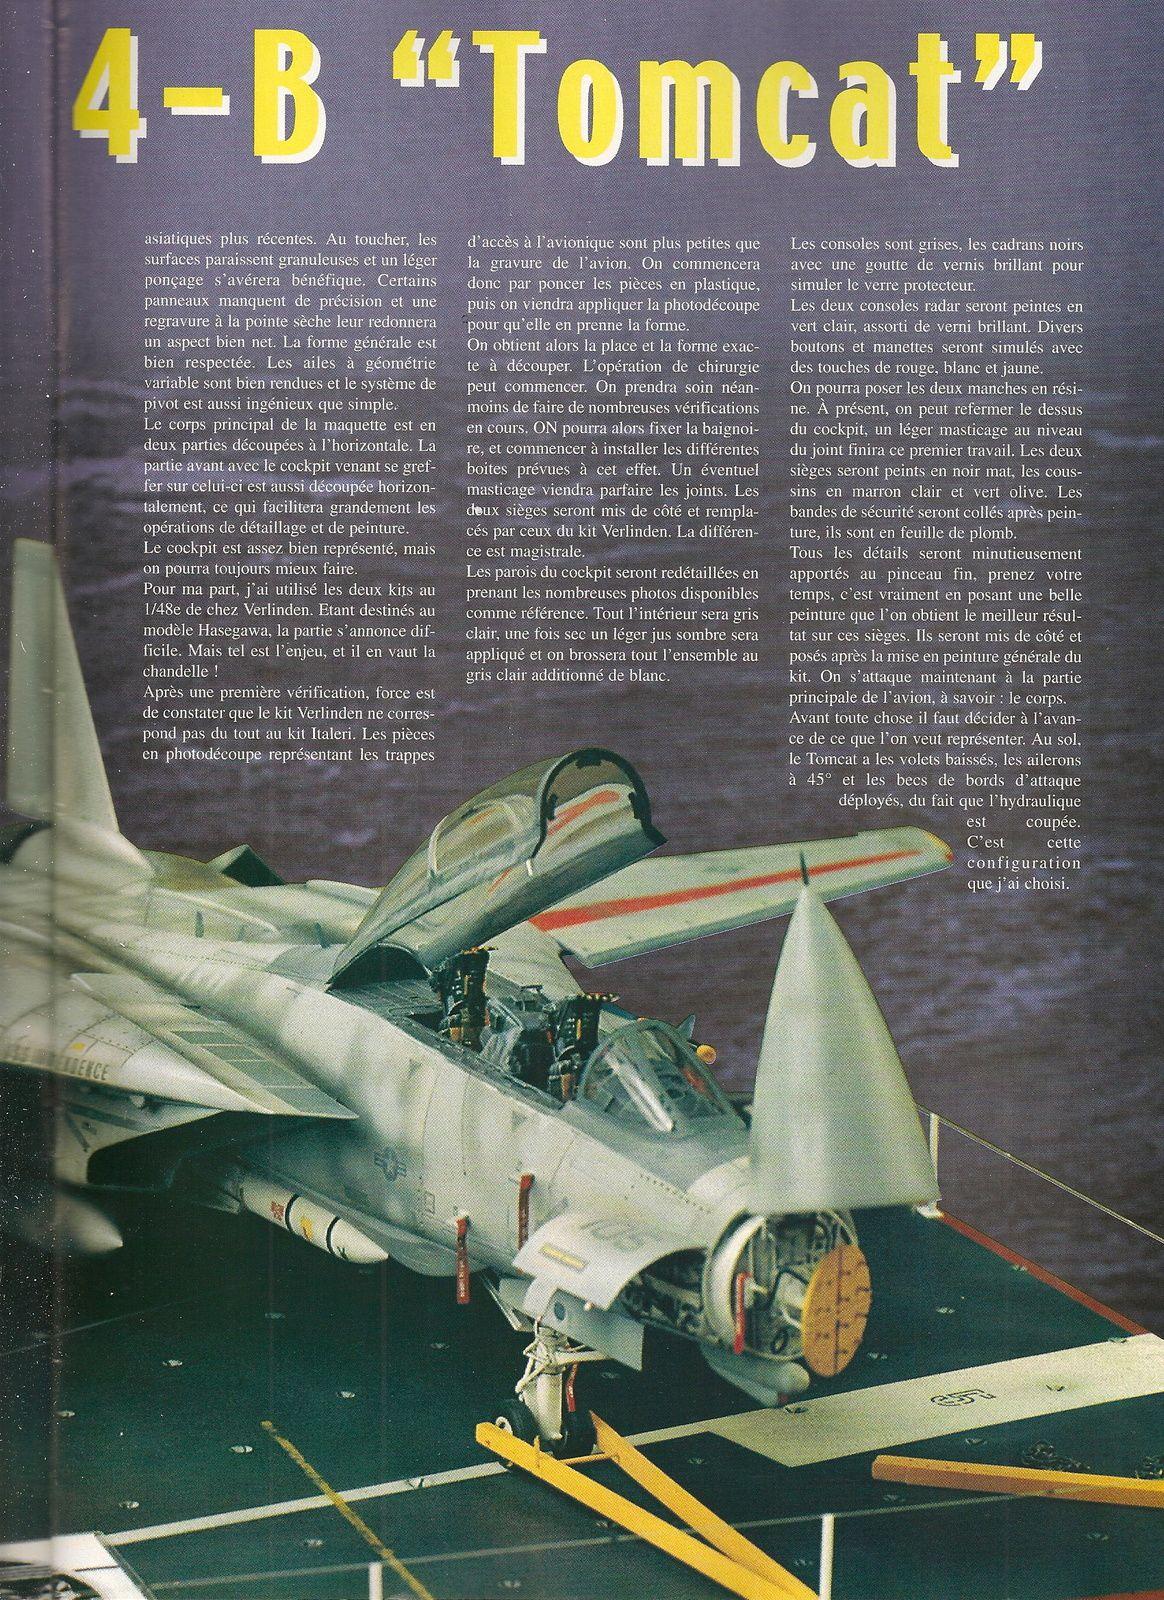 Grumman F14-B  Tomcat